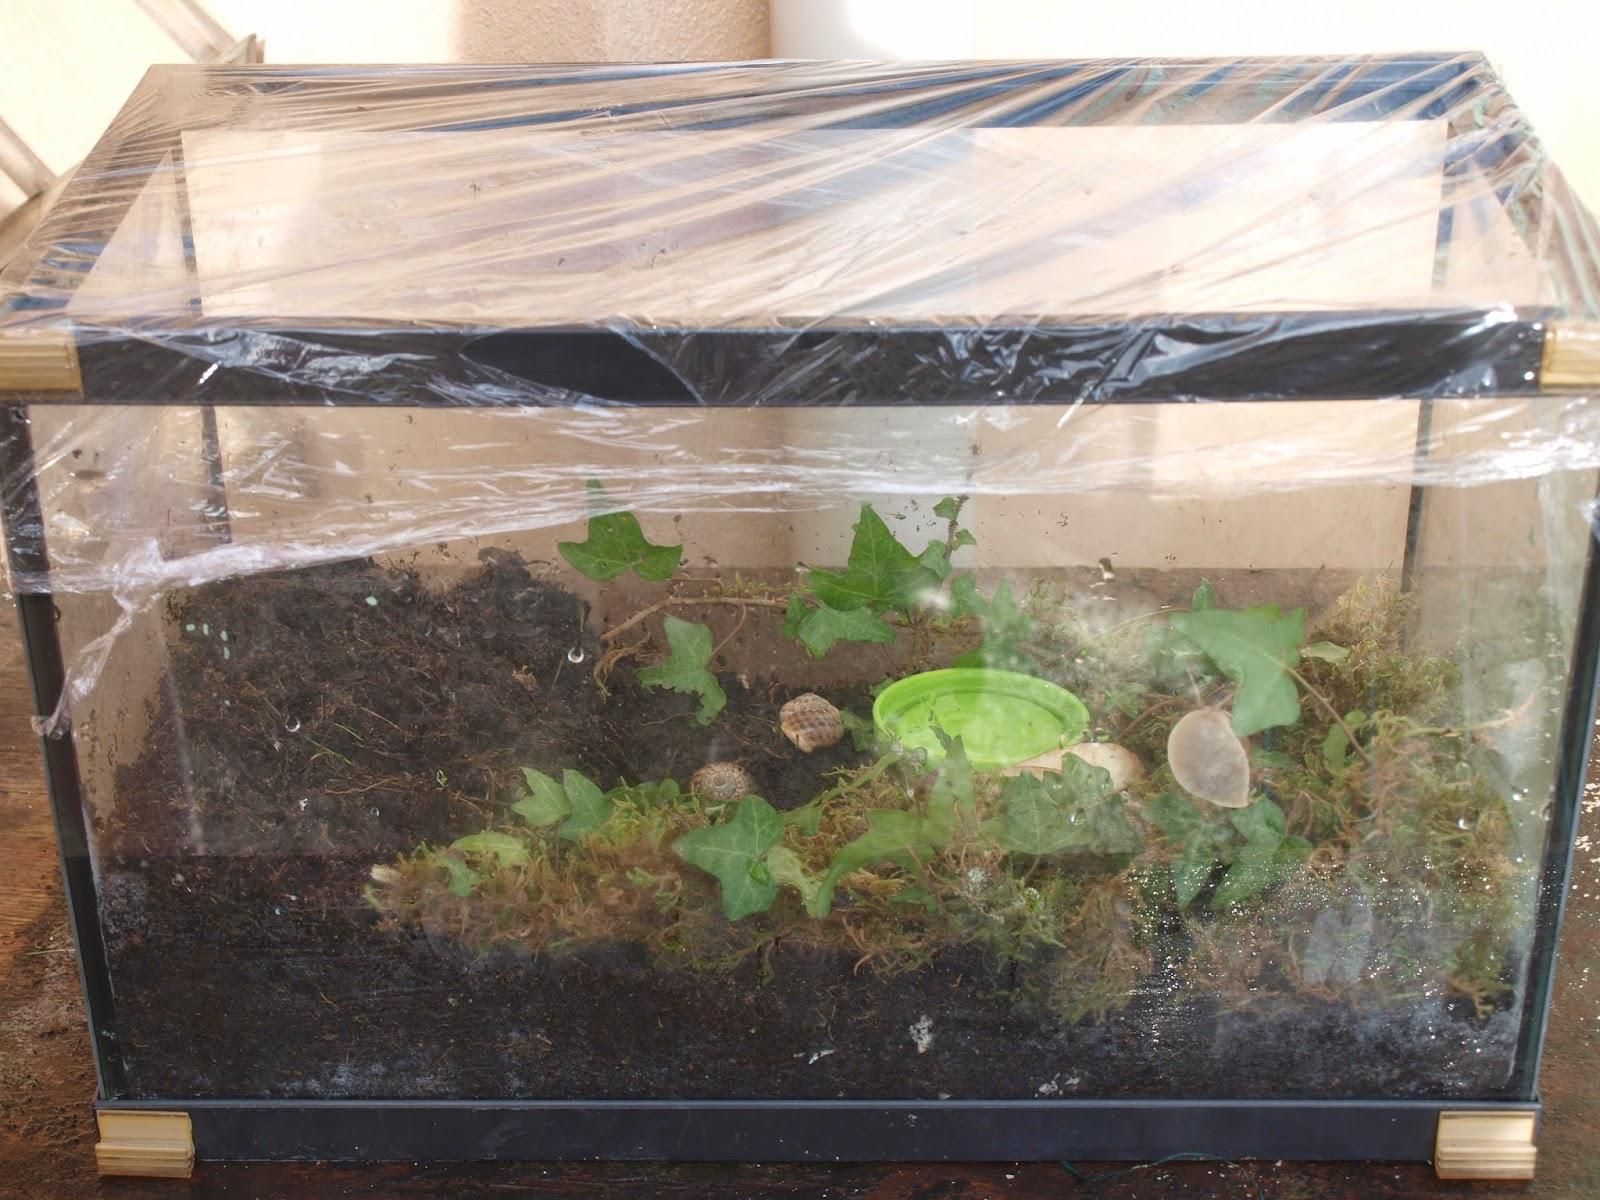 L 39 cole la maison dans notre quotidien elevage d 39 escargots for Aquarium a la maison pdf